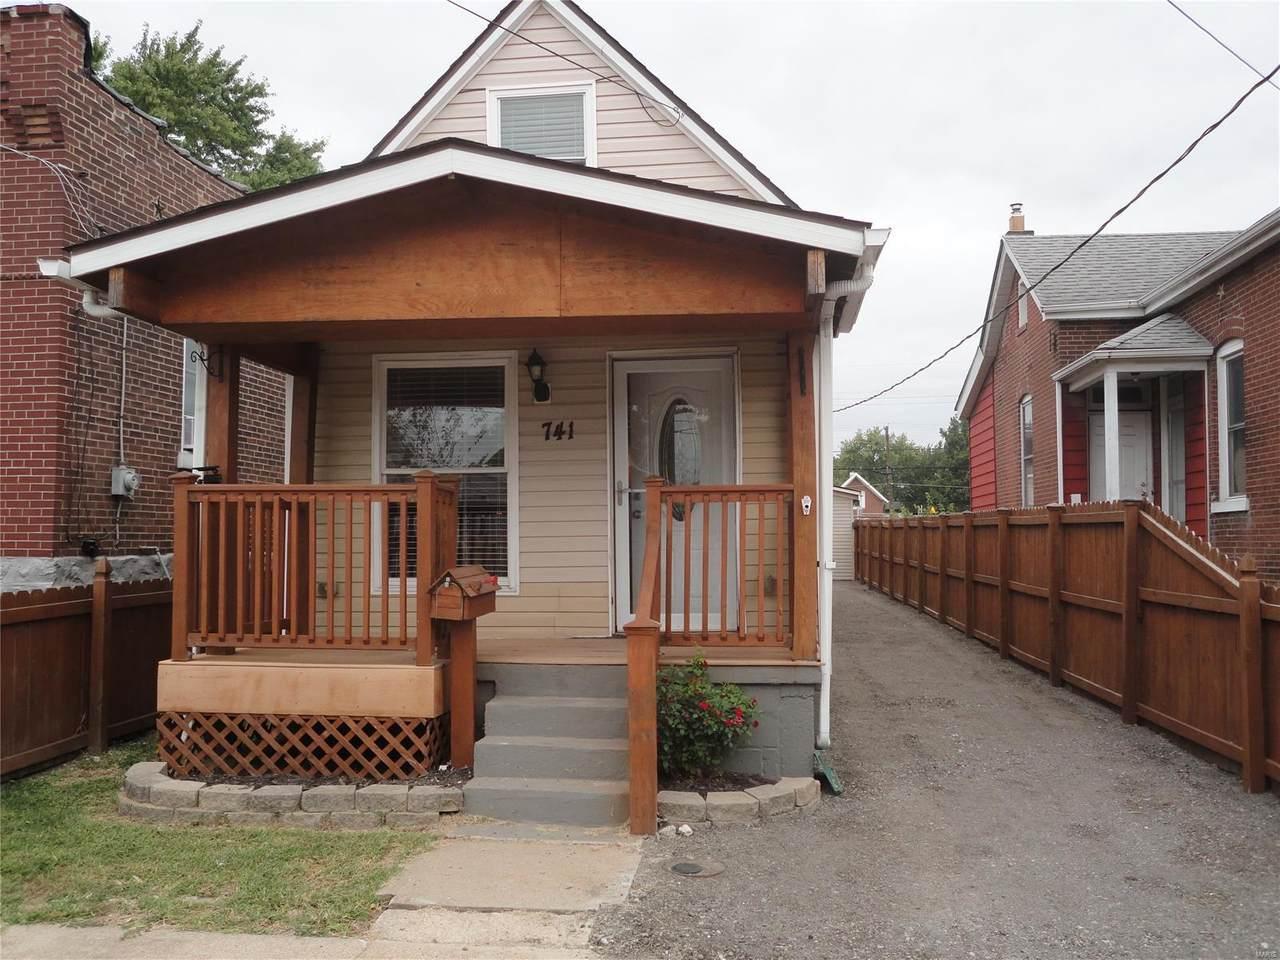 741 Regina Avenue - Photo 1